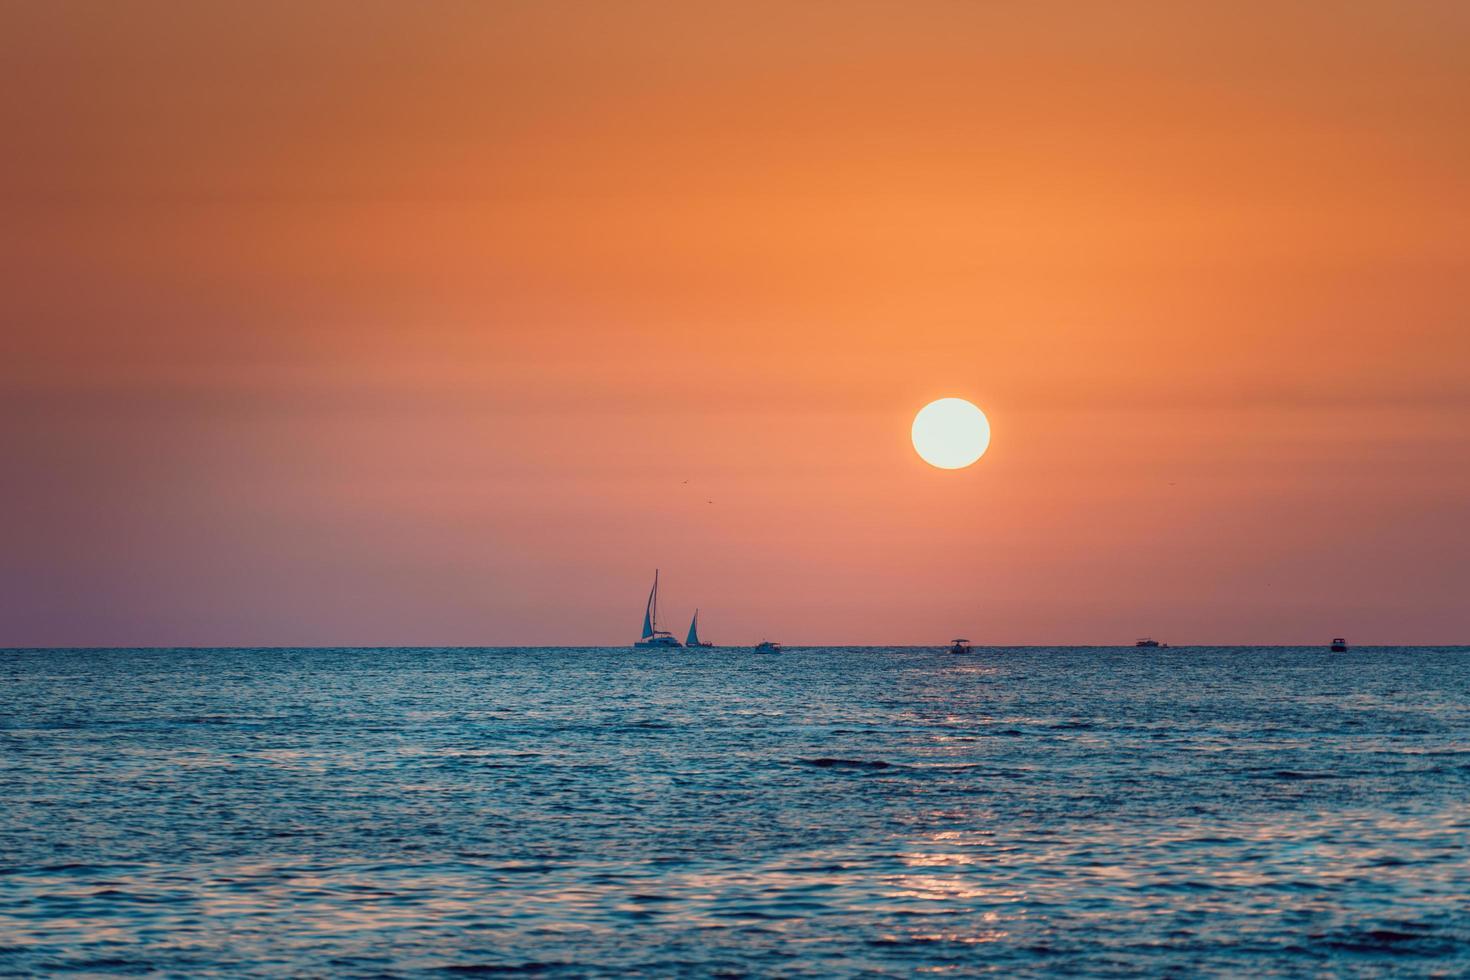 coucher de soleil lumineux sur la mer fond mer photo